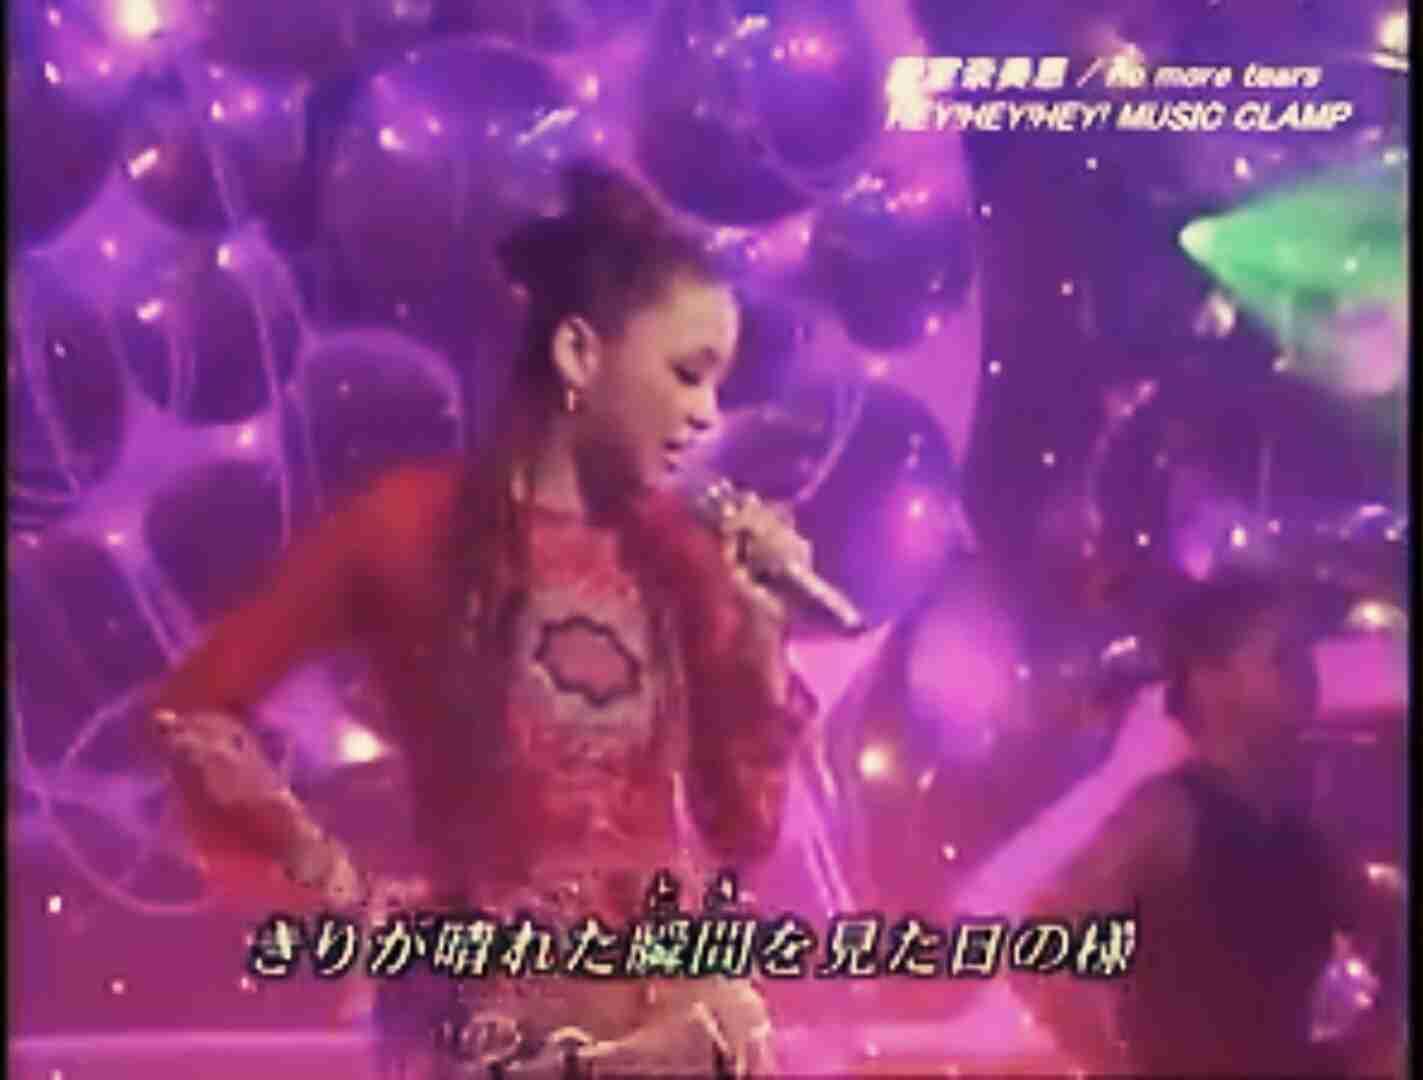 安室奈美恵 極秘再会で実現!新曲は16年ぶり小室哲哉プロデュース